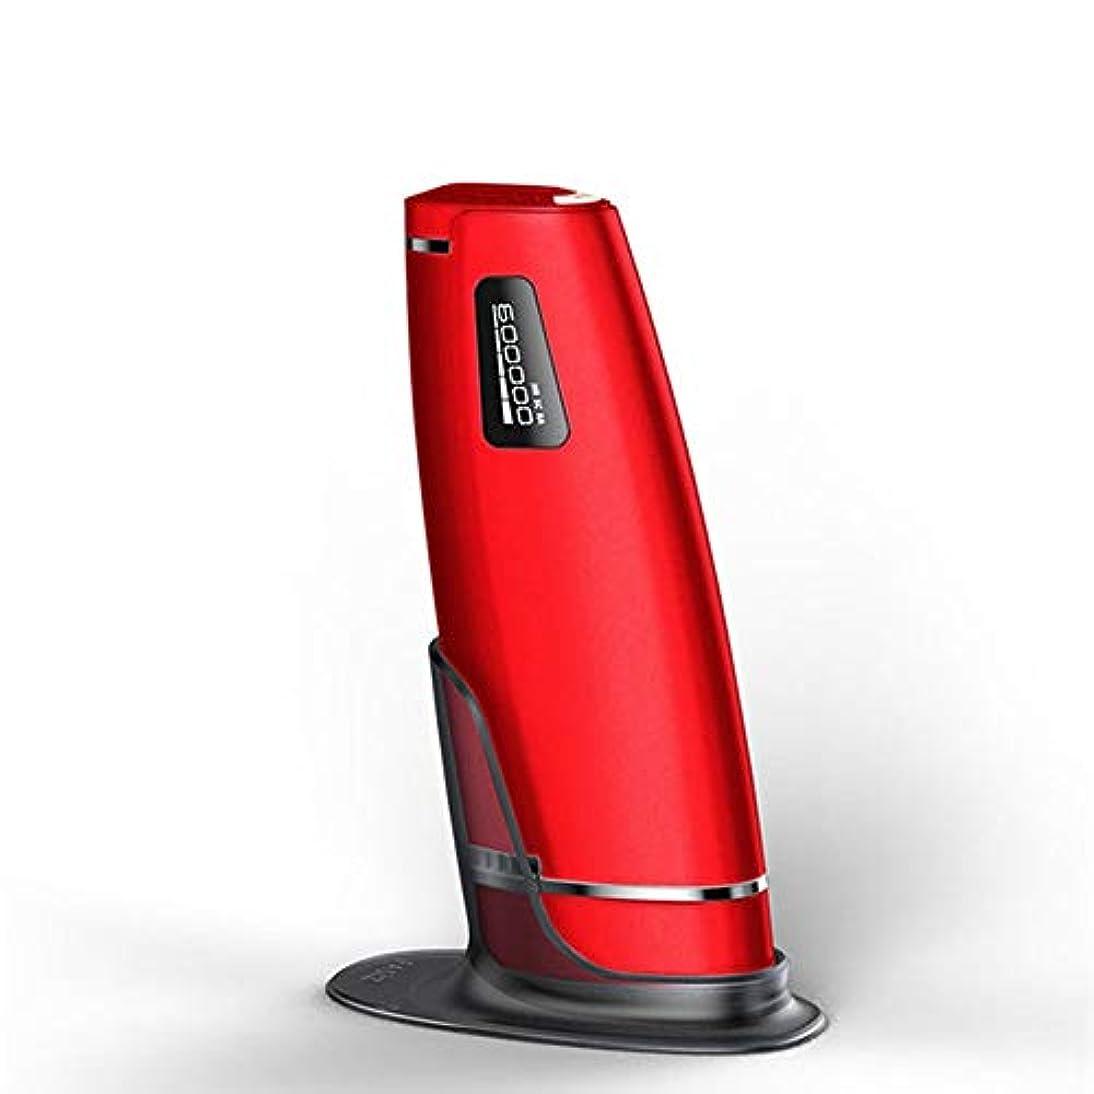 本マルクス主義内訳ダパイ 赤、デュアルモード、ホームオートマチック無痛脱毛剤、携帯用永久脱毛剤、5スピード調整、サイズ20.5 X 4.5 X 7 Cm U546 (Color : Red)